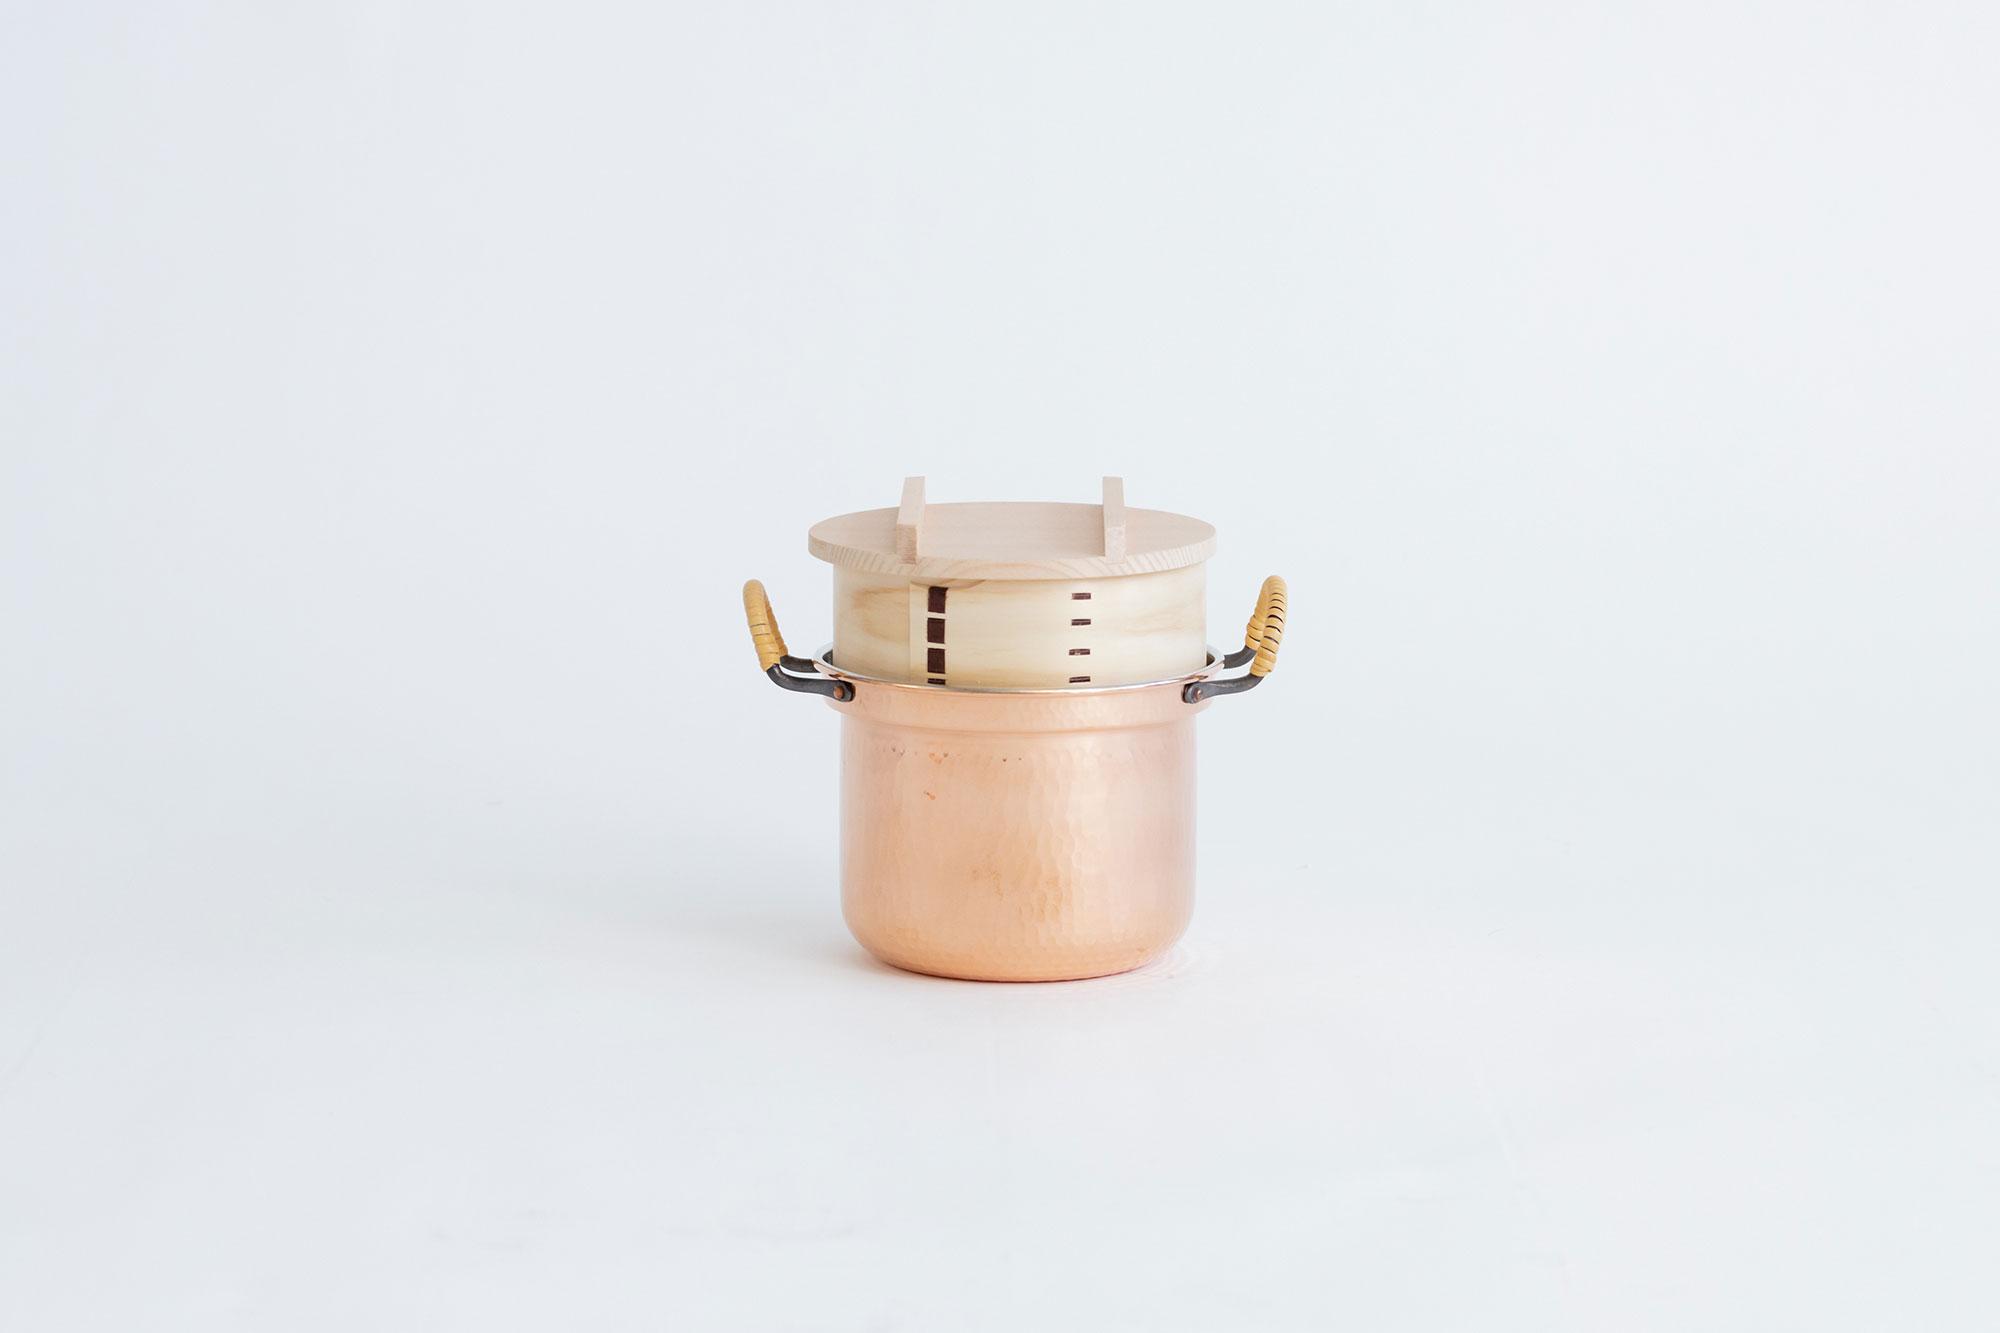 F/style 銅のわっぱ鍋(スズ引き)